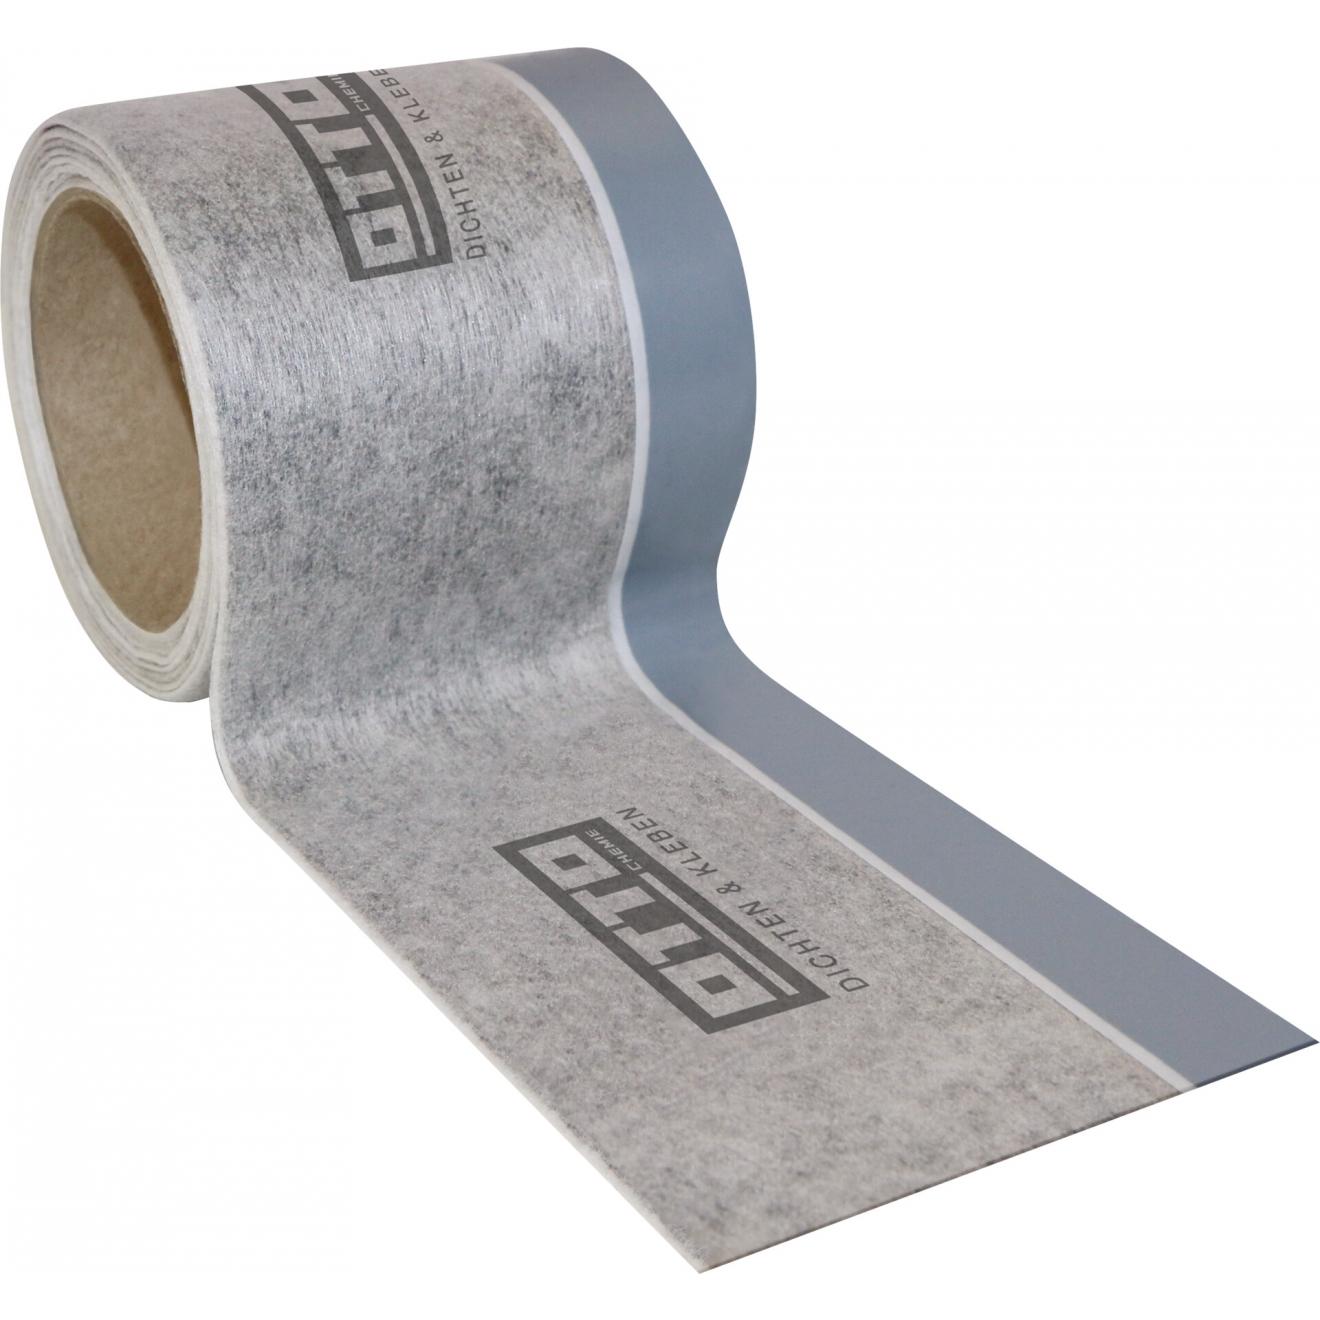 ottoflex wannenranddichtband flexiblen abdichtung zwischen dusch bzw badewanne. Black Bedroom Furniture Sets. Home Design Ideas